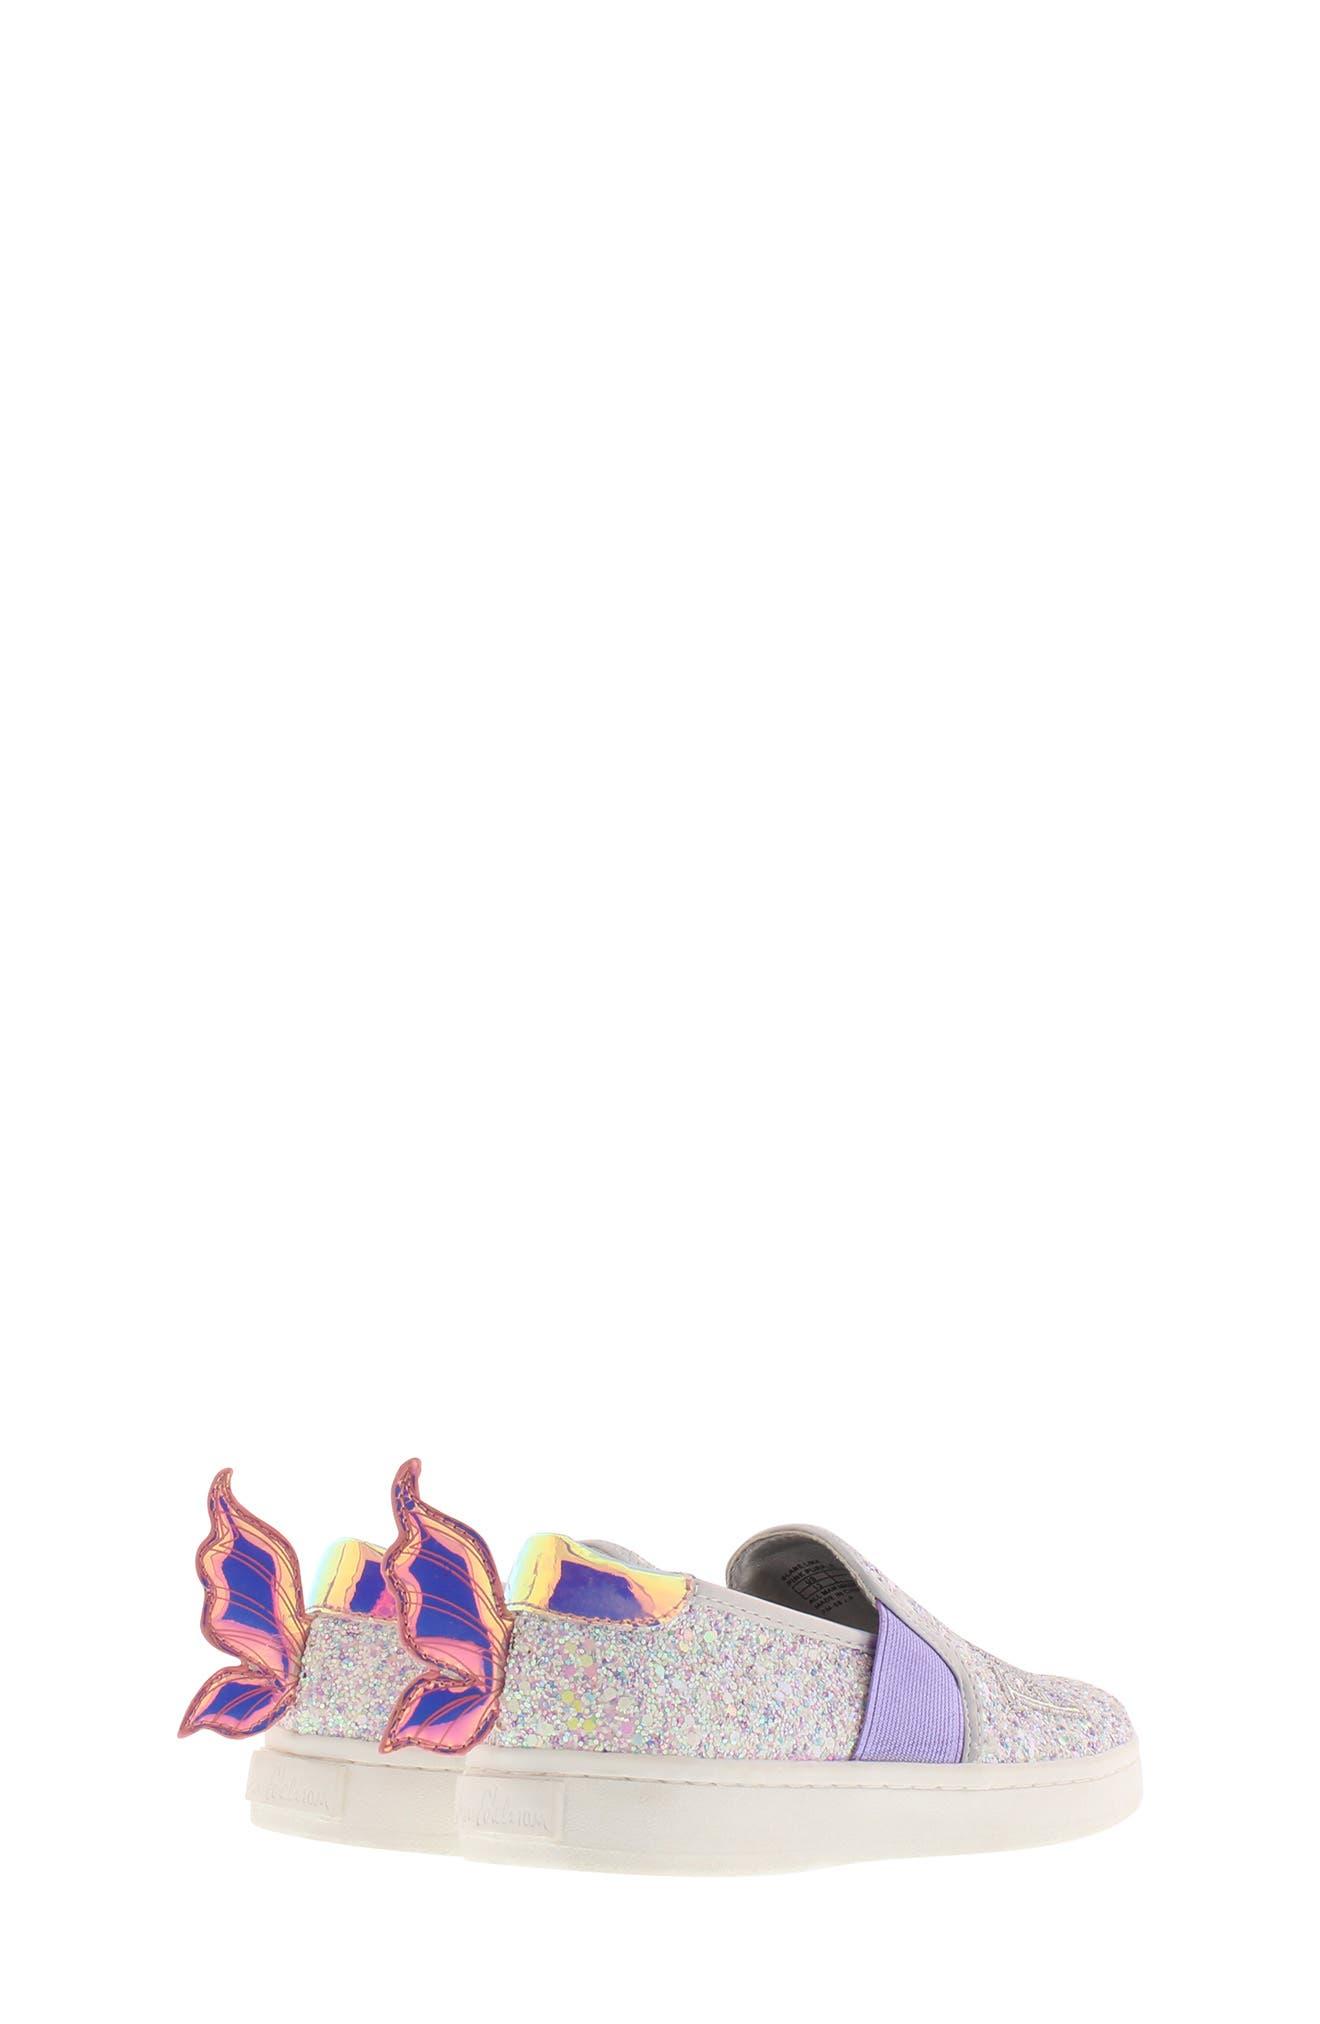 SAM EDELMAN, Blake Lina Fairy Glitter Slip-On Sneaker, Alternate thumbnail 2, color, PINK/ PURPLE